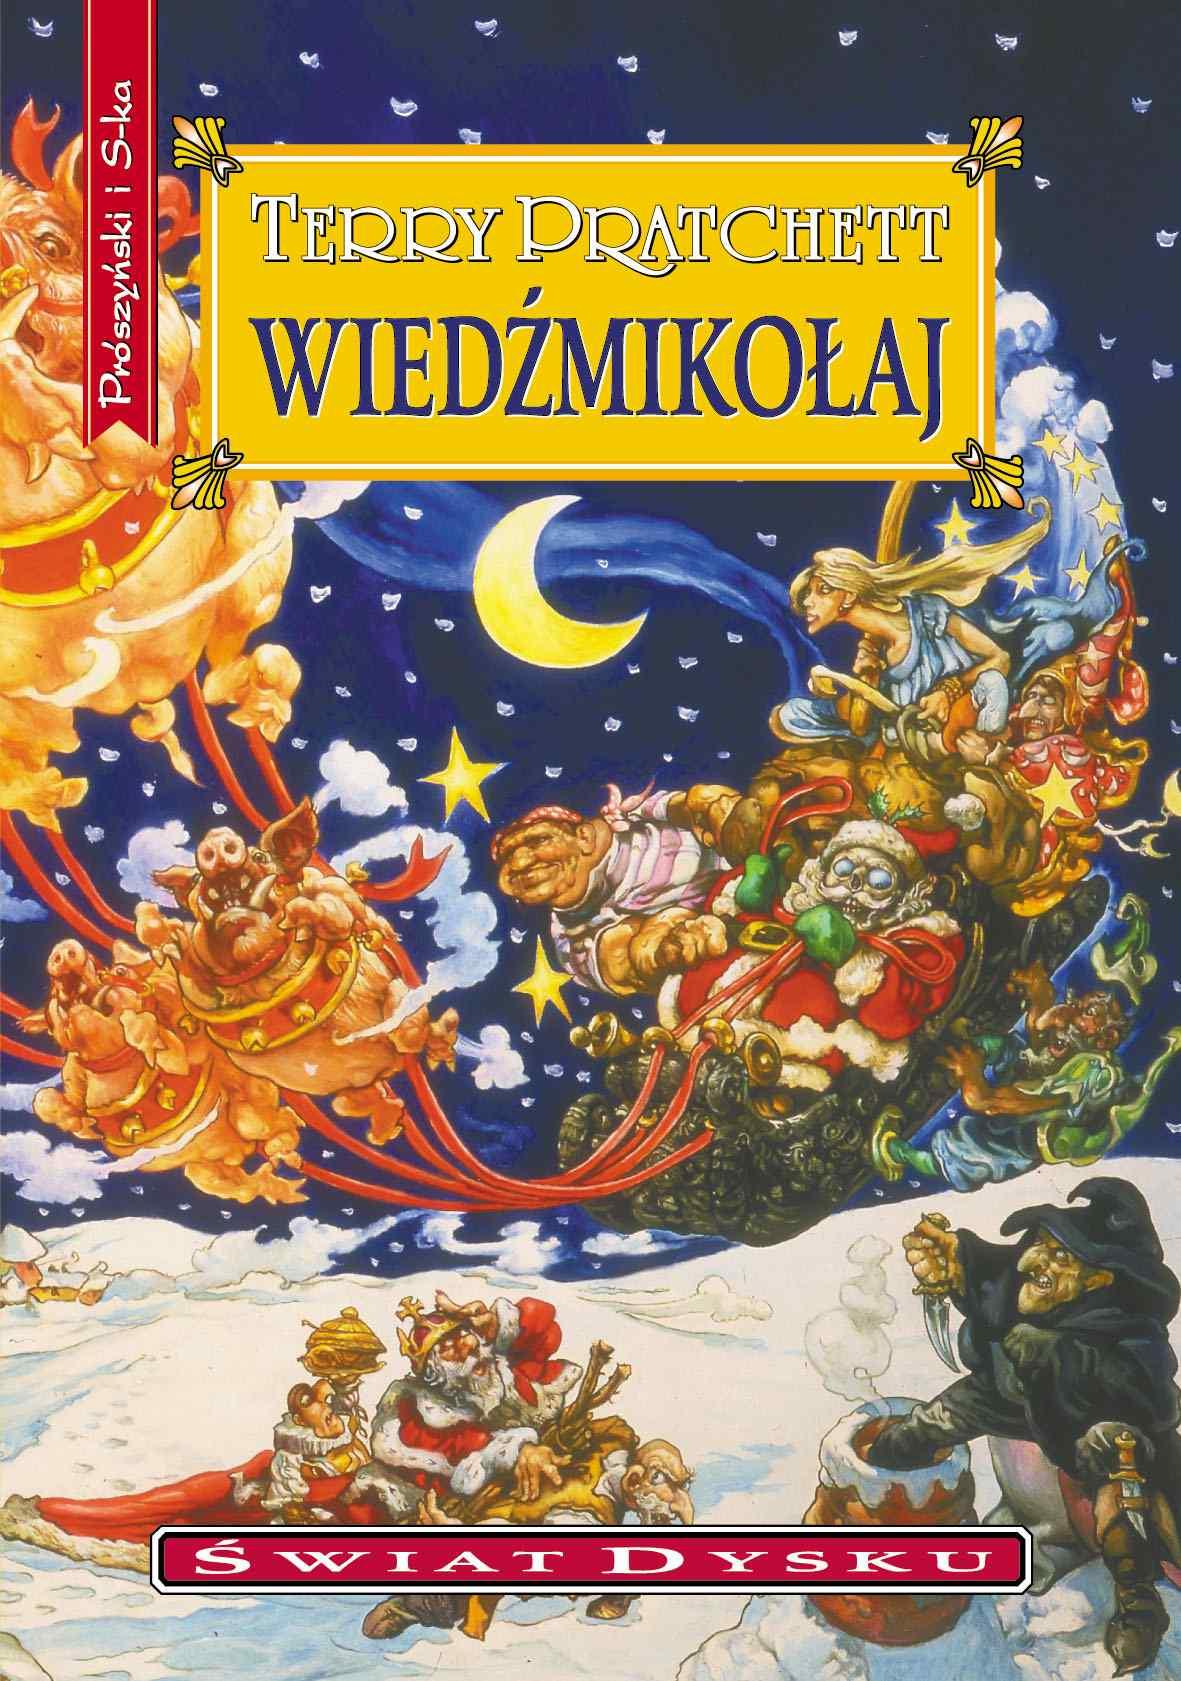 Wiedźmikołaj - Ebook (Książka EPUB) do pobrania w formacie EPUB